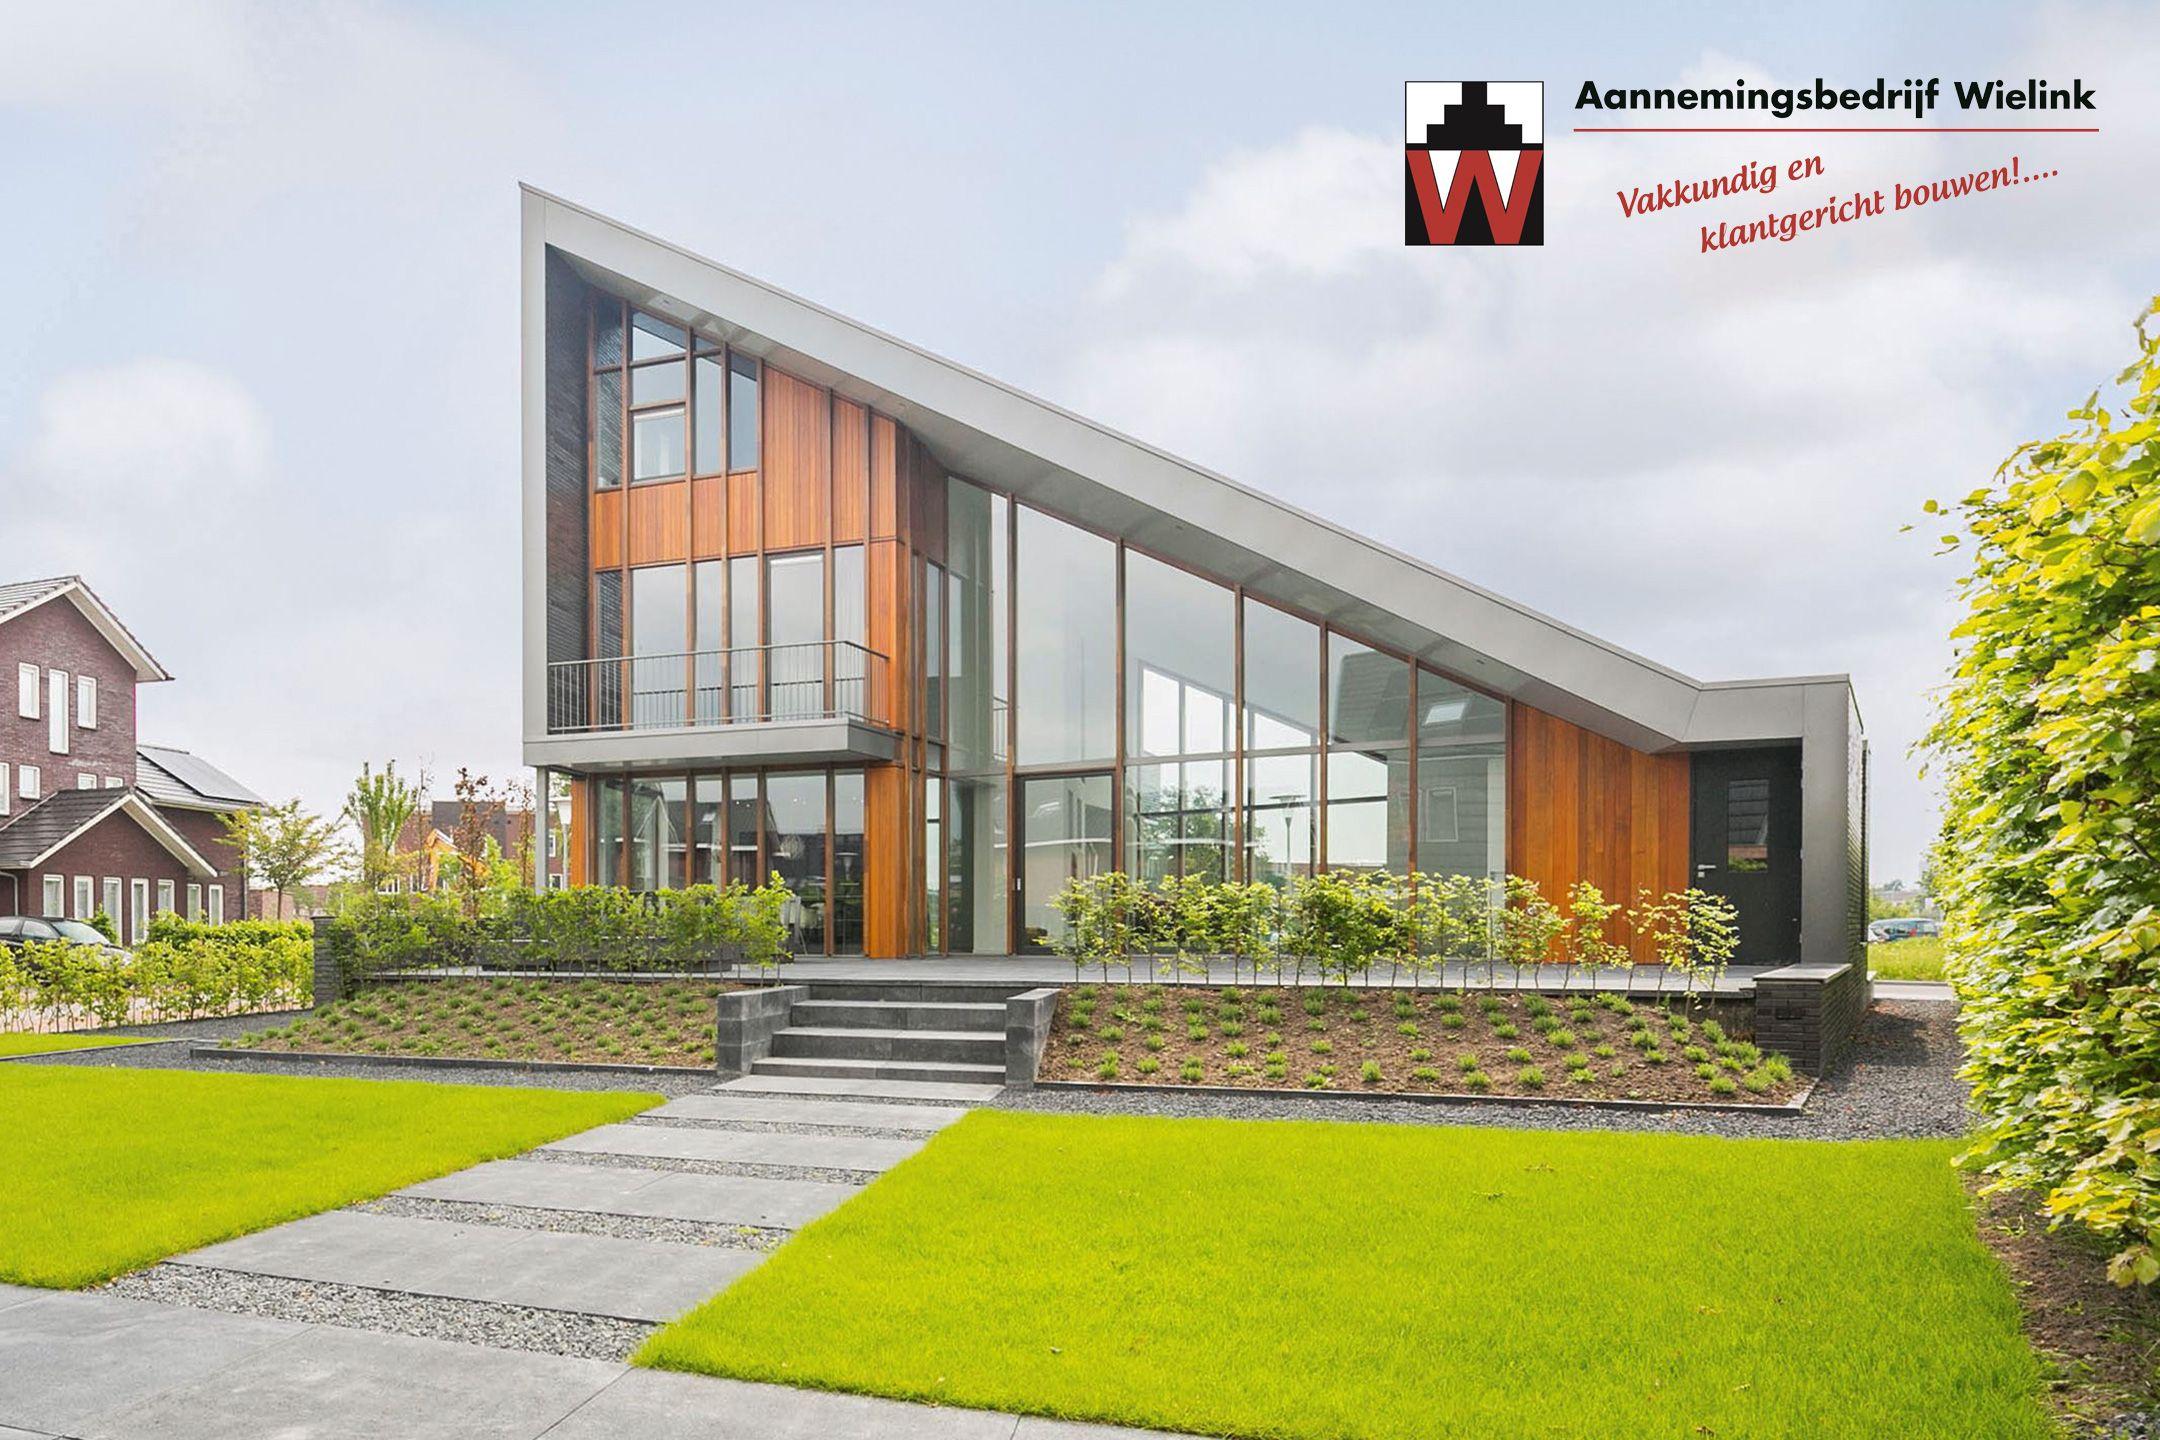 Finest moderne villa met garage bouwen moderne villa for Moderne semi bungalow bouwen